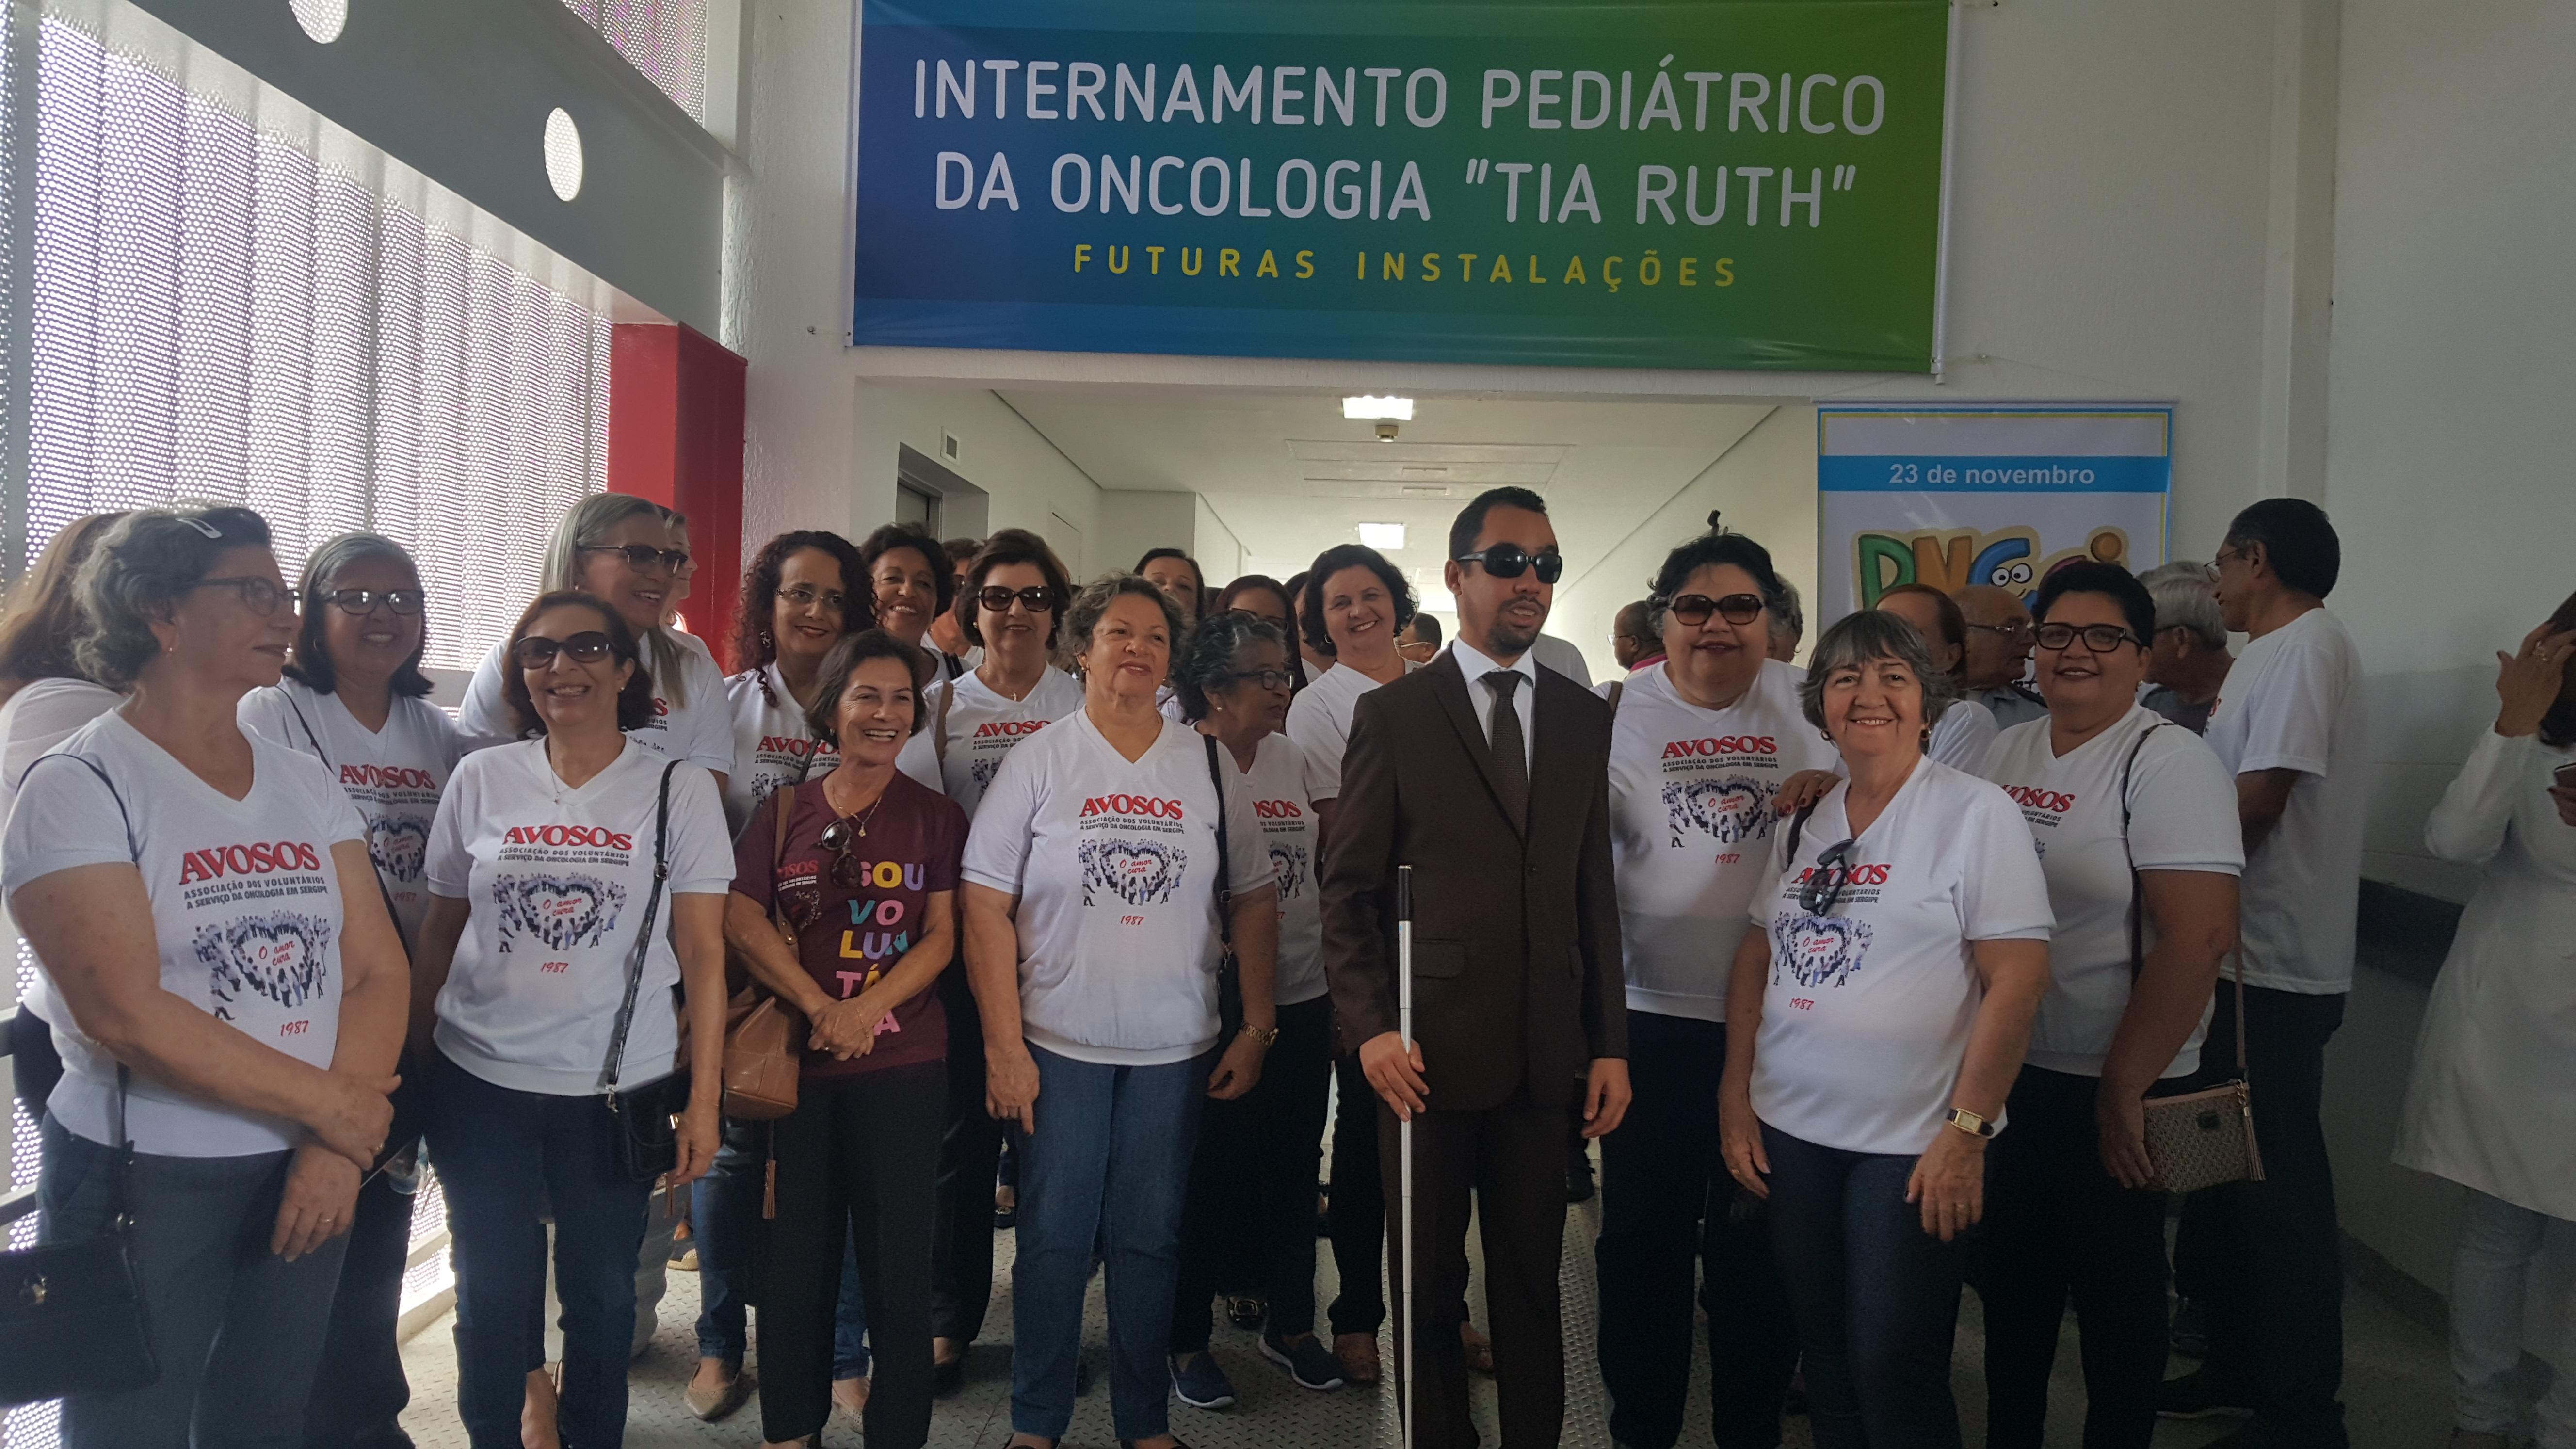 #PraTodoMundoVer: O vereador Lucas Aribé está posando para a foto acompanhado dos voluntários da Avosos